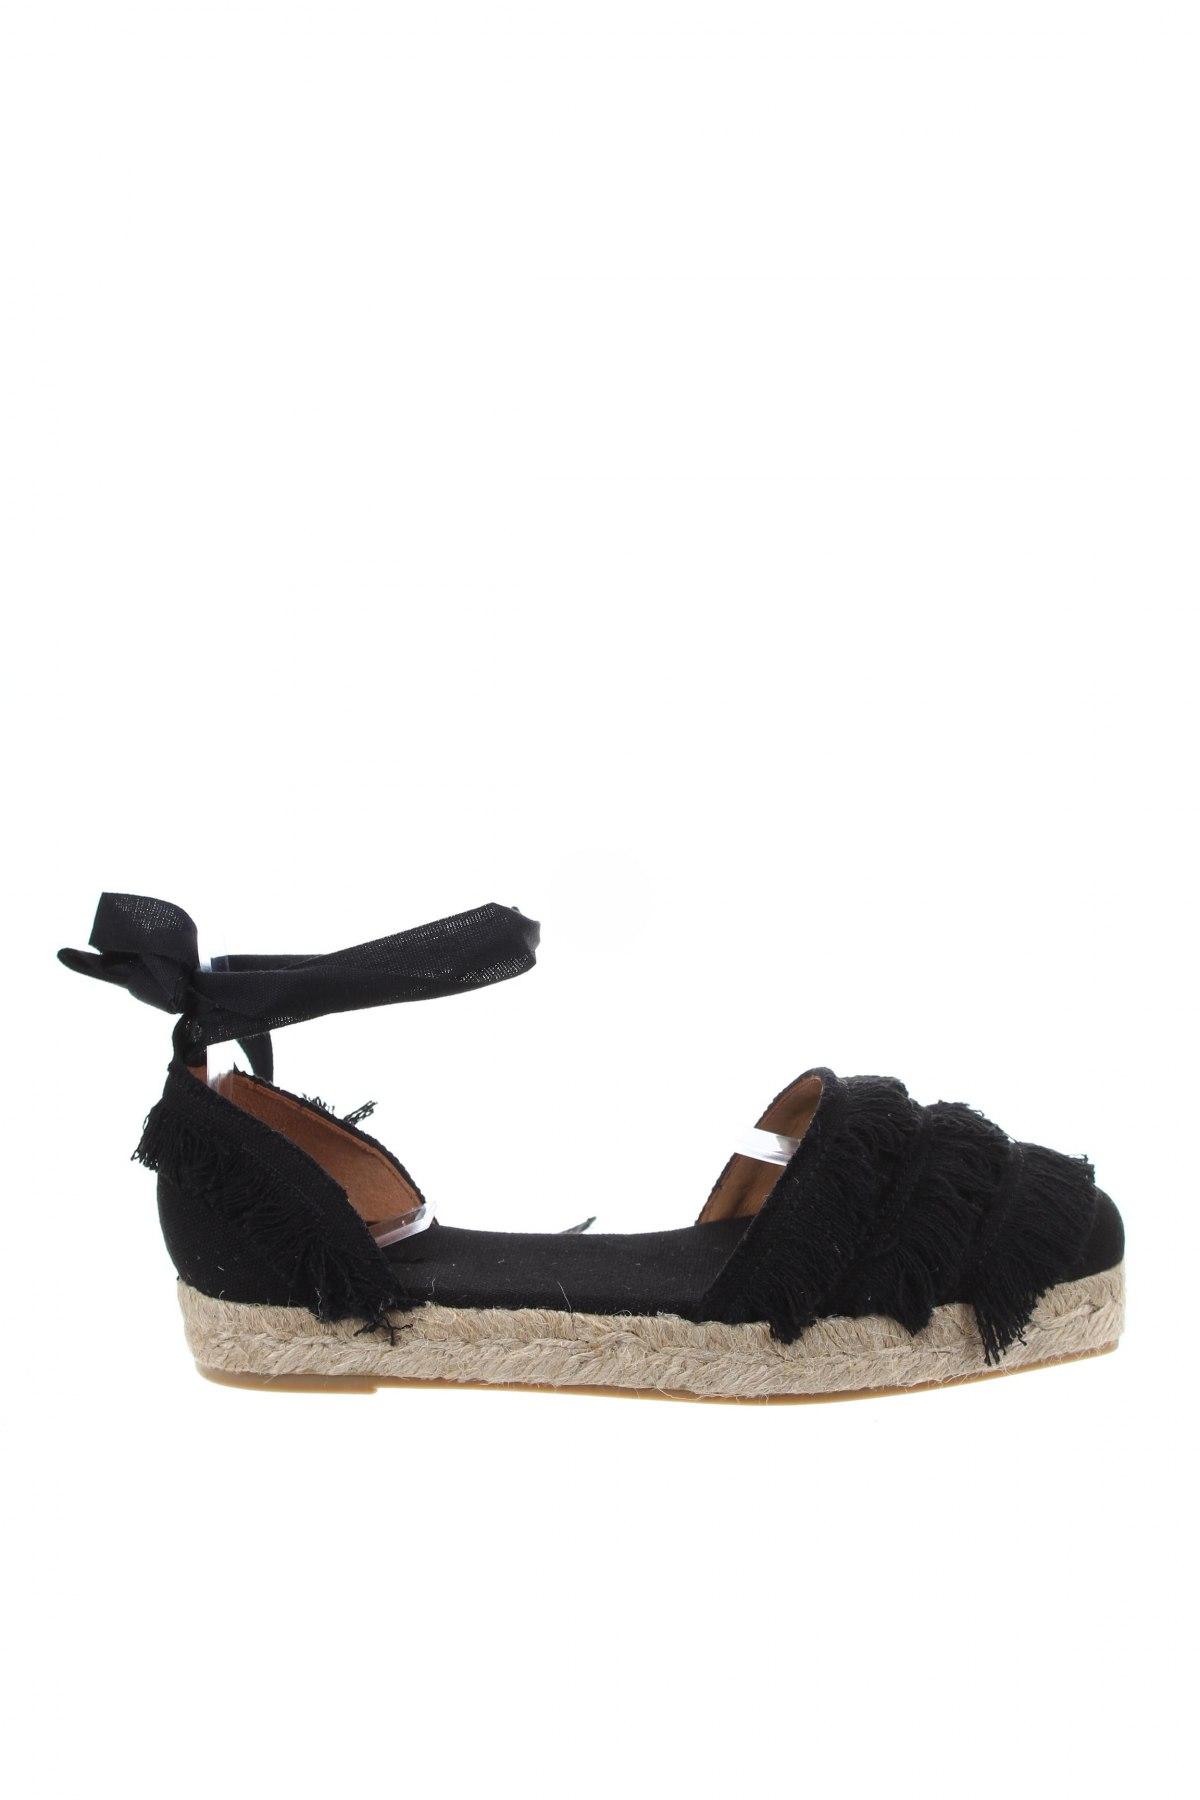 Εσπάδριλλες Castaner, Μέγεθος 37, Χρώμα Μαύρο, Κλωστοϋφαντουργικά προϊόντα, Τιμή 38,40€